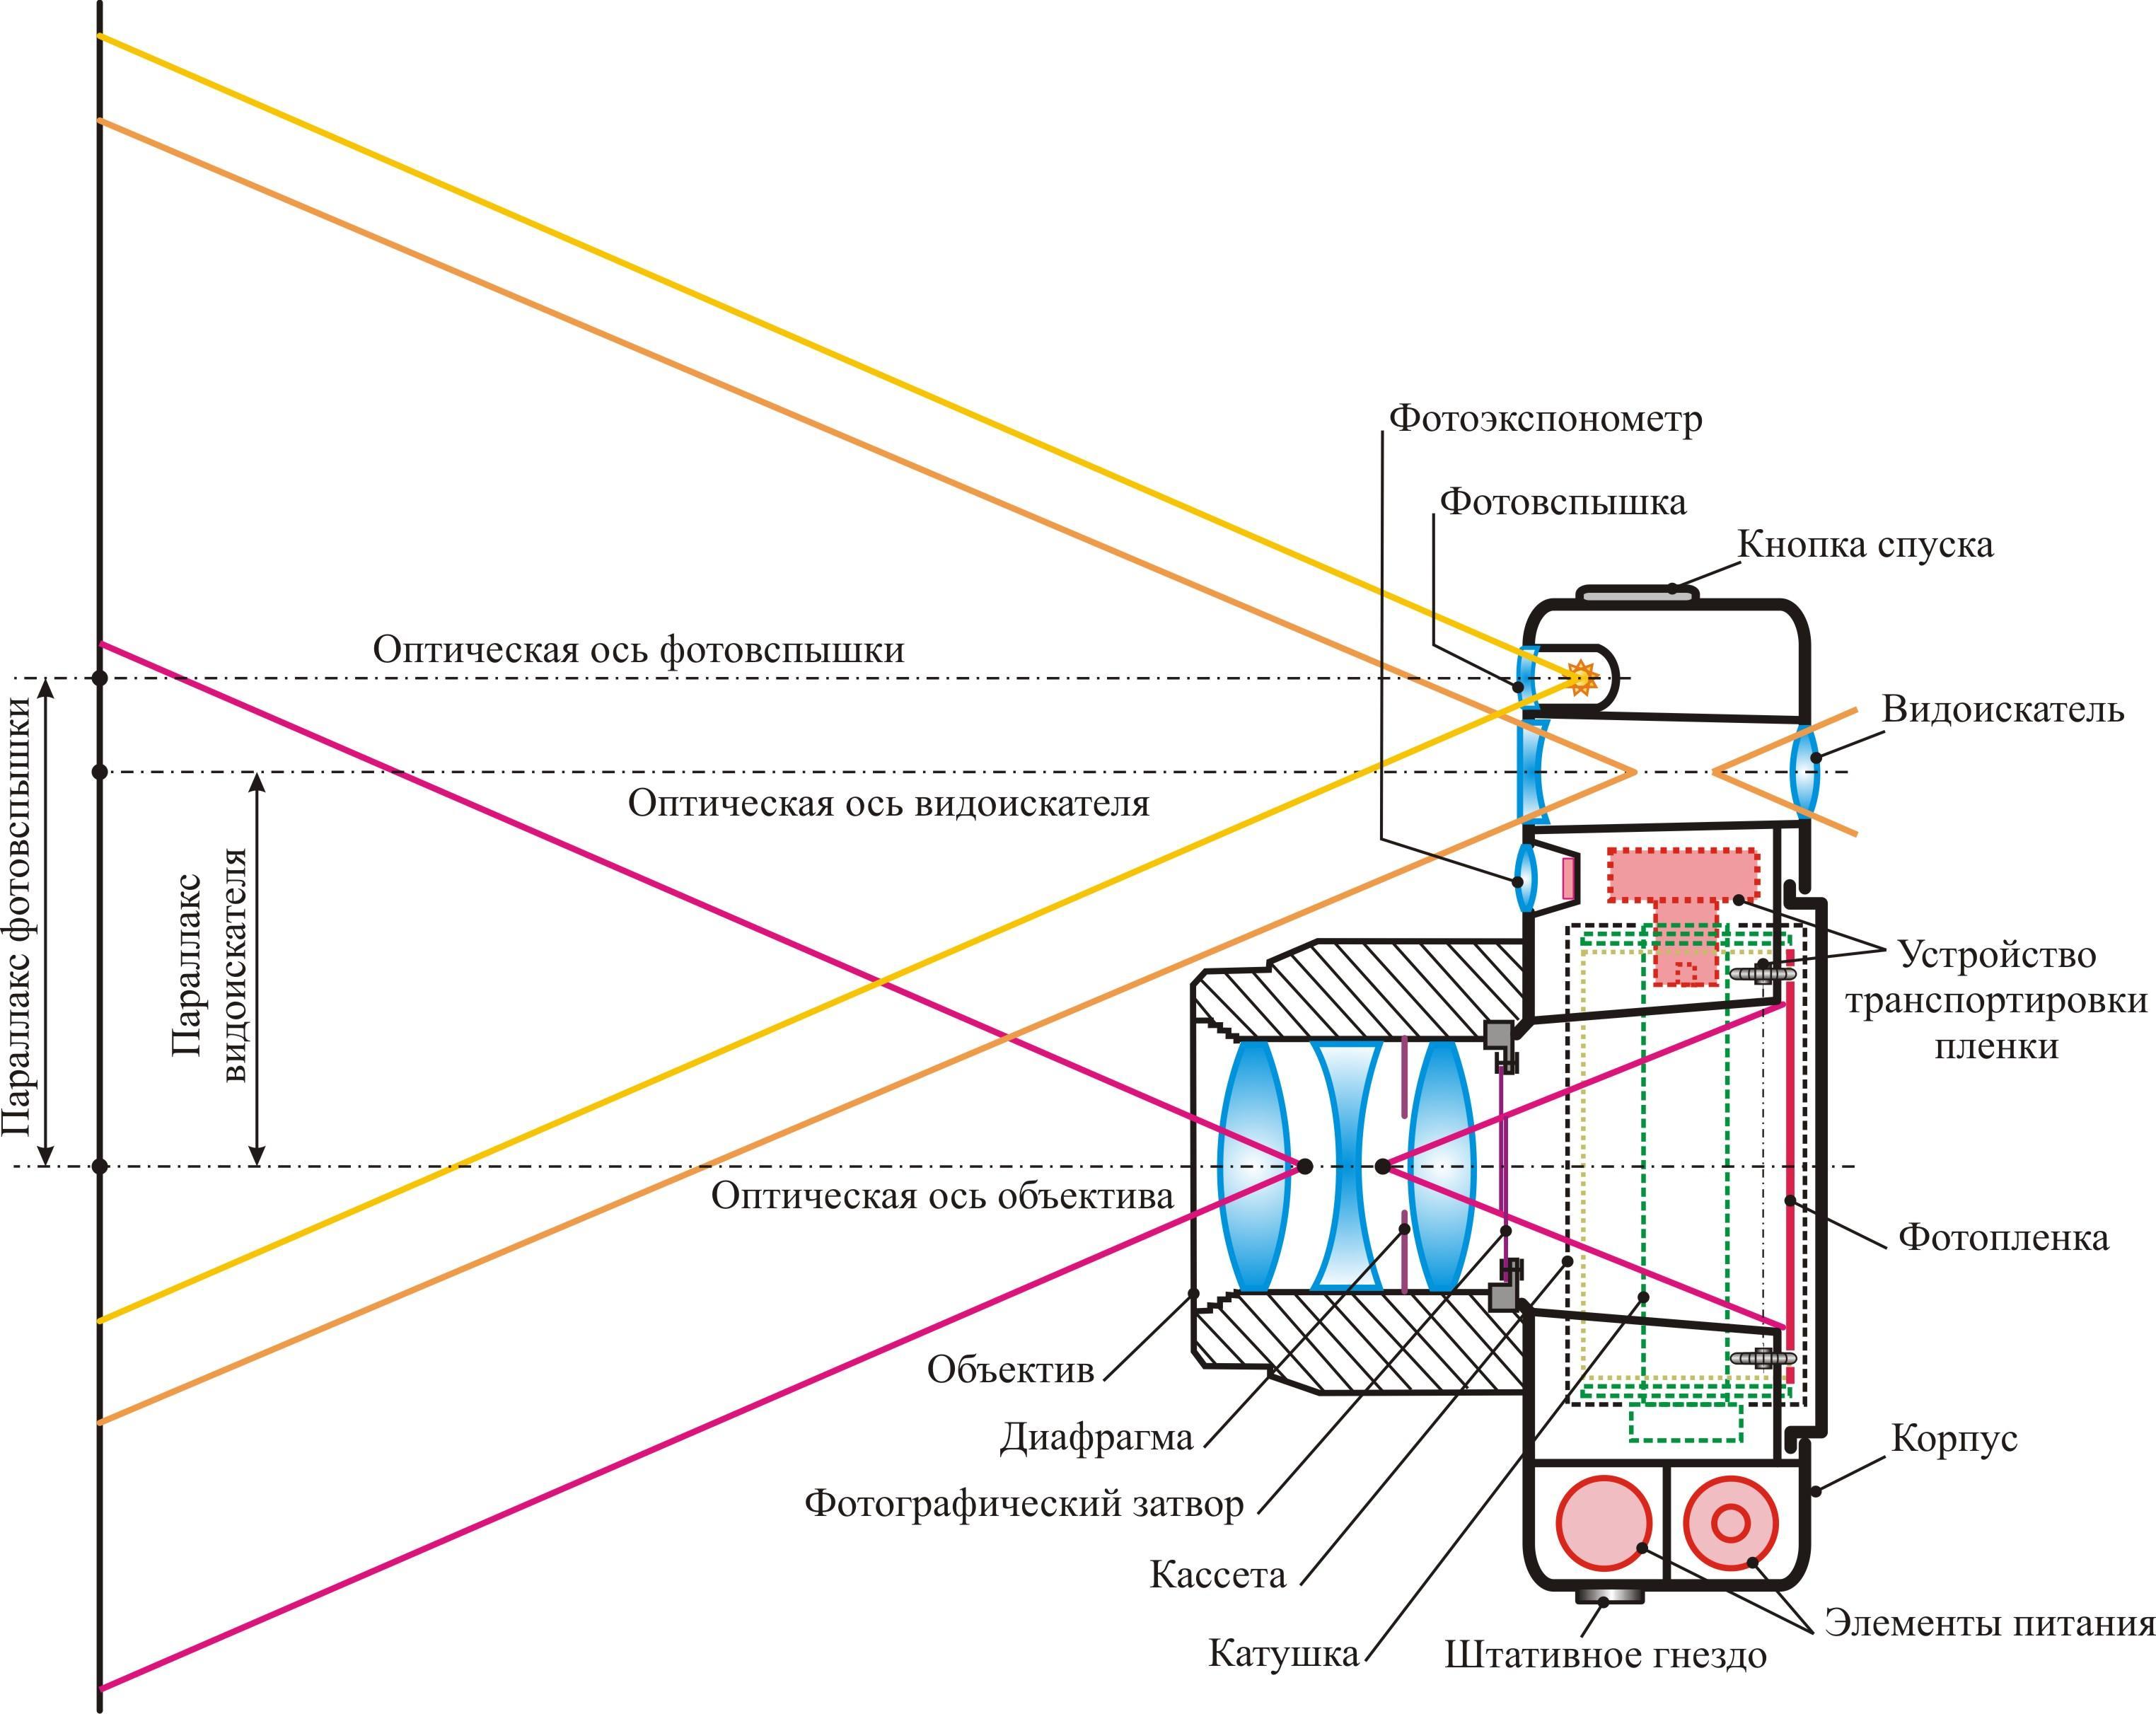 так детали объектива фотоаппарата конструкция